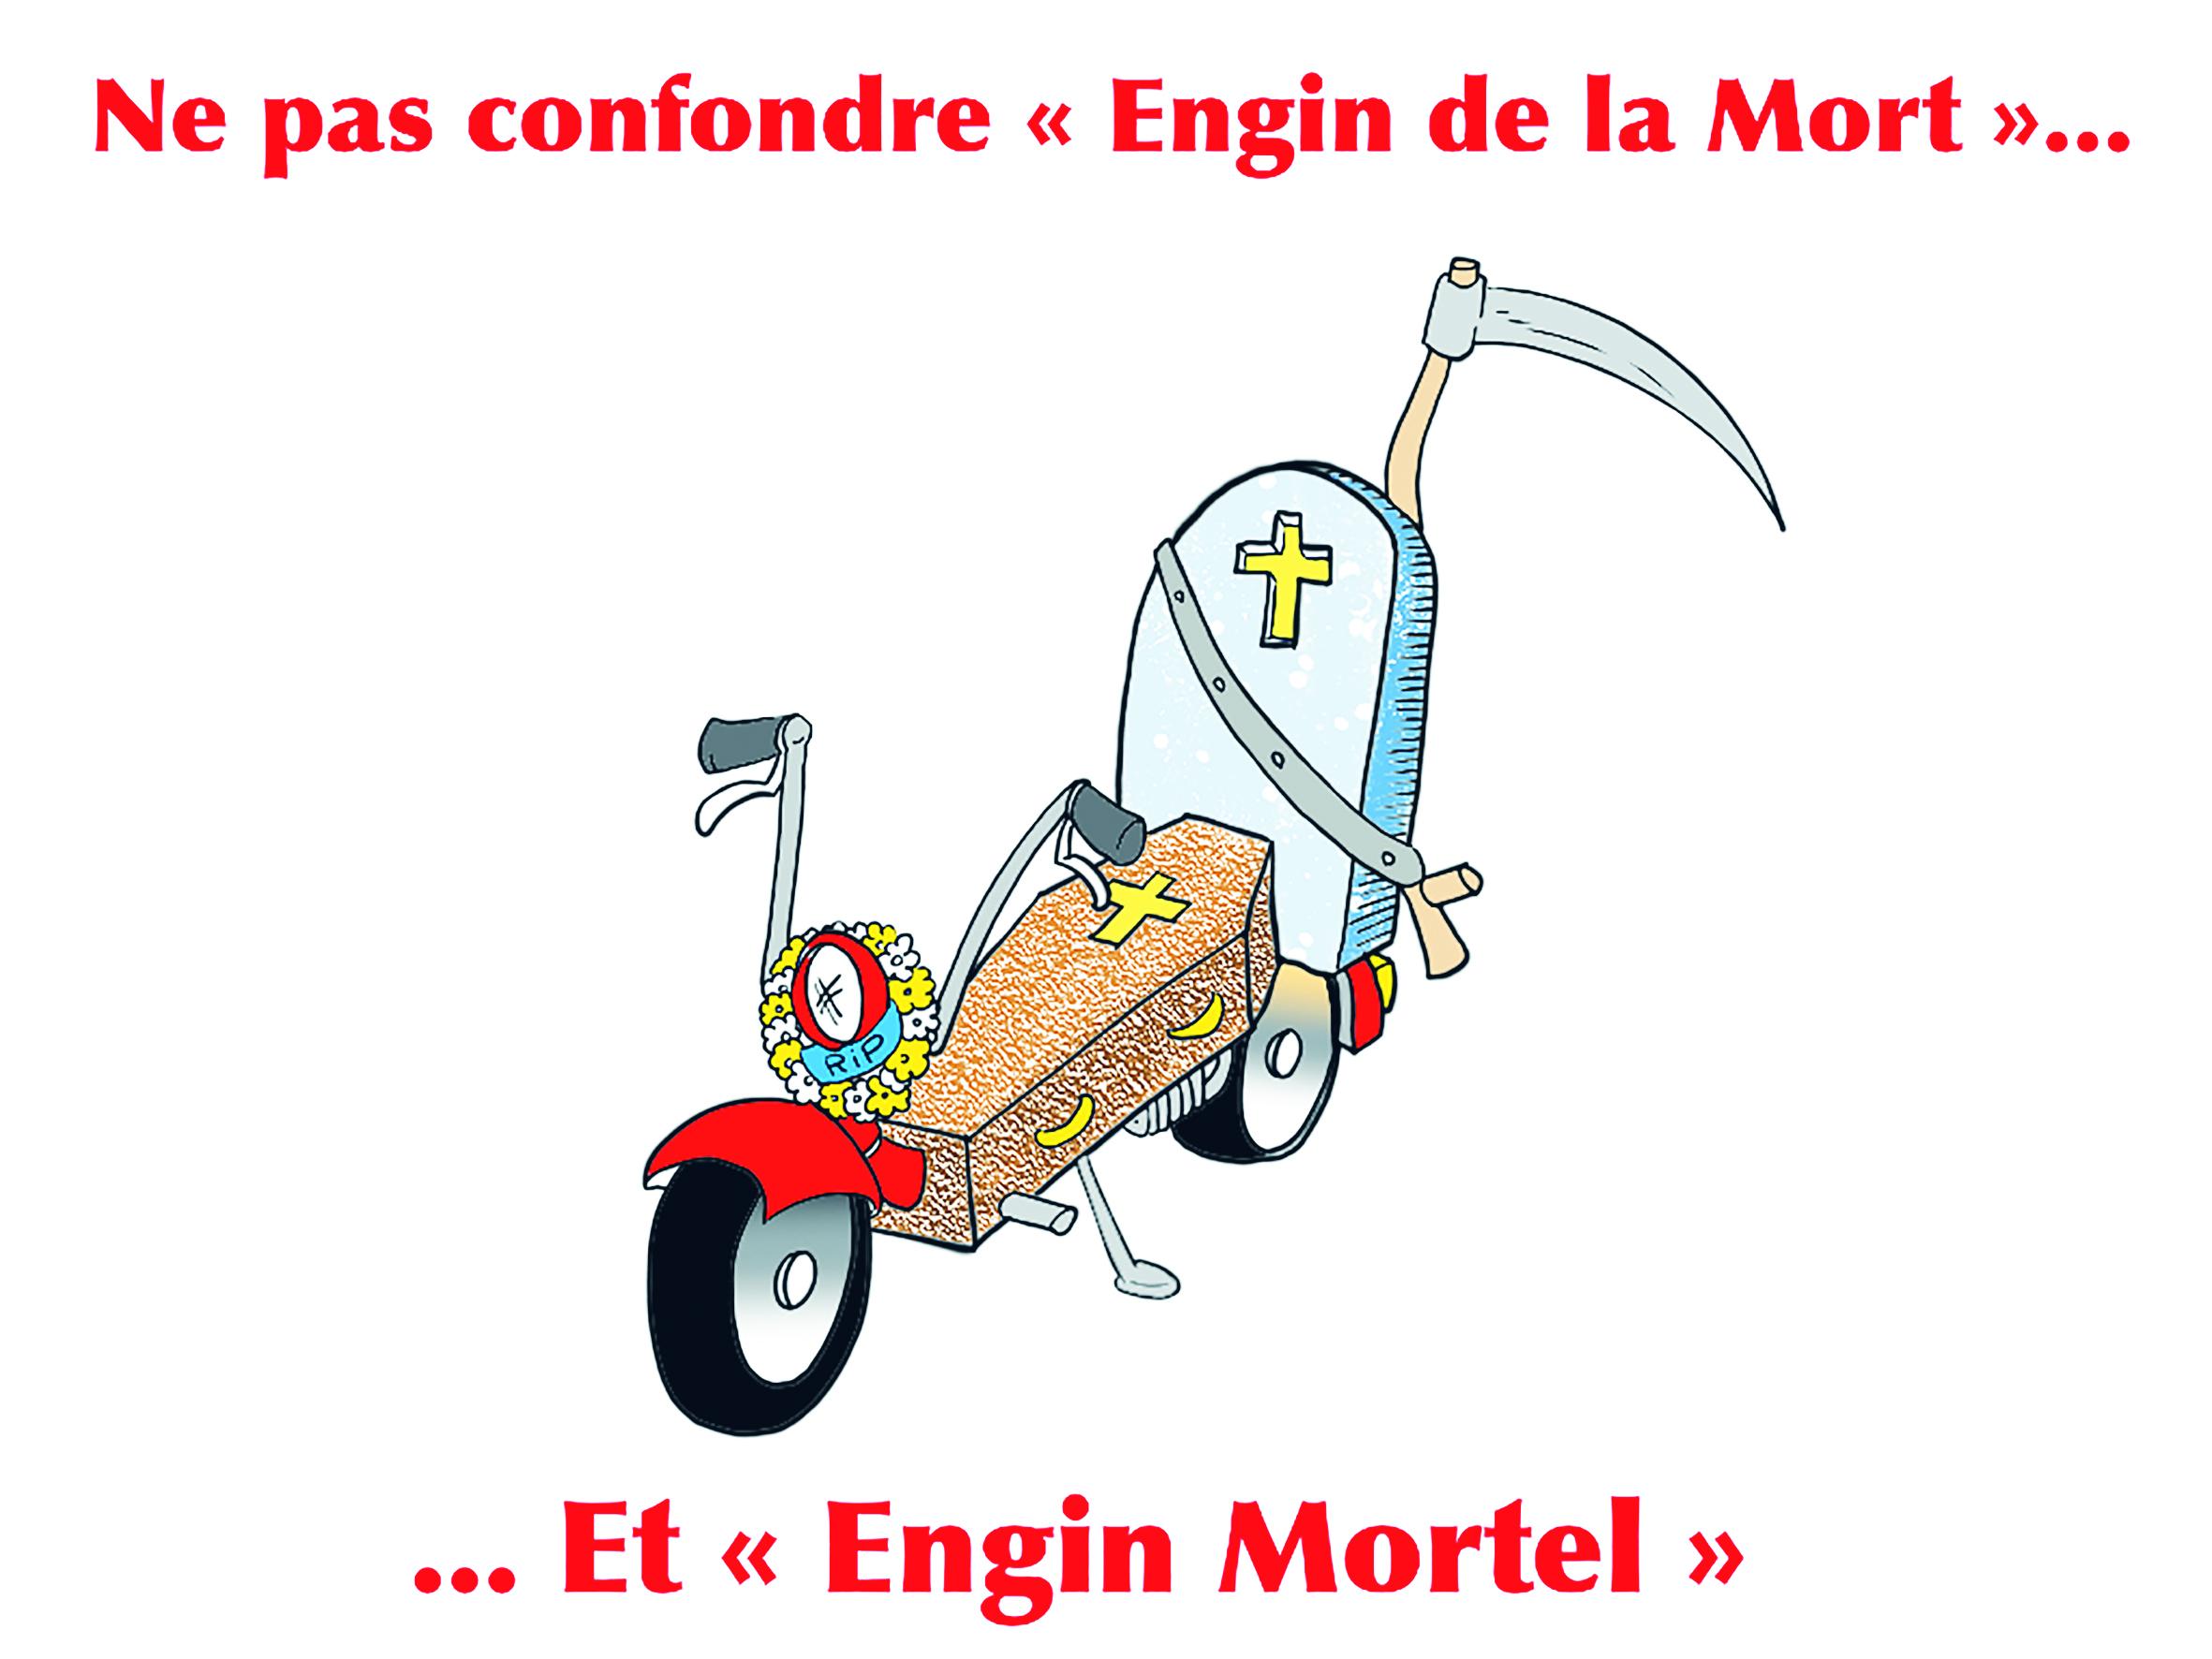 """"""" Sécurité routière """" par Munoz"""